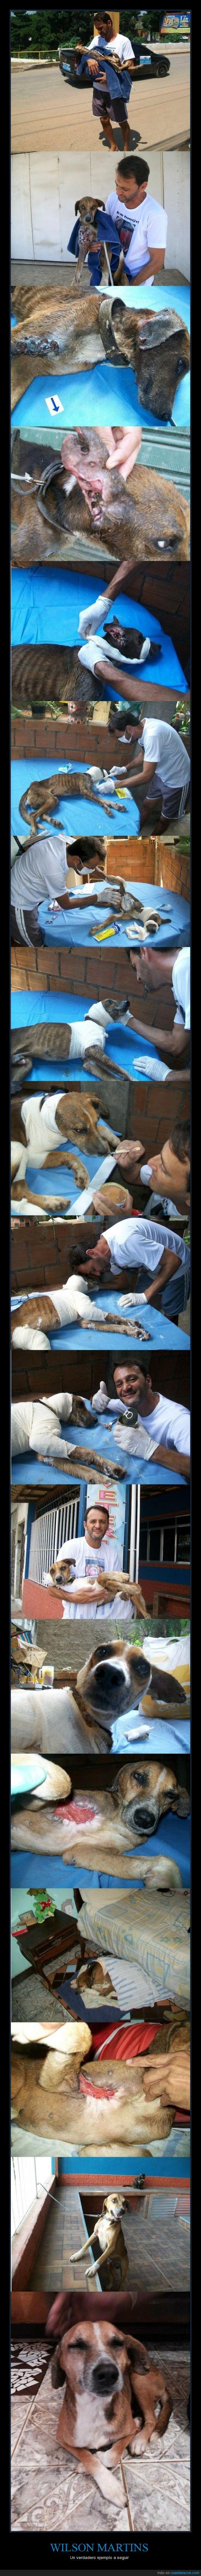 ayudar,brasileño,de animales,enfermedades,perrito,protector,se merece un premio nobel,sin intereses,veterinario,voluntario